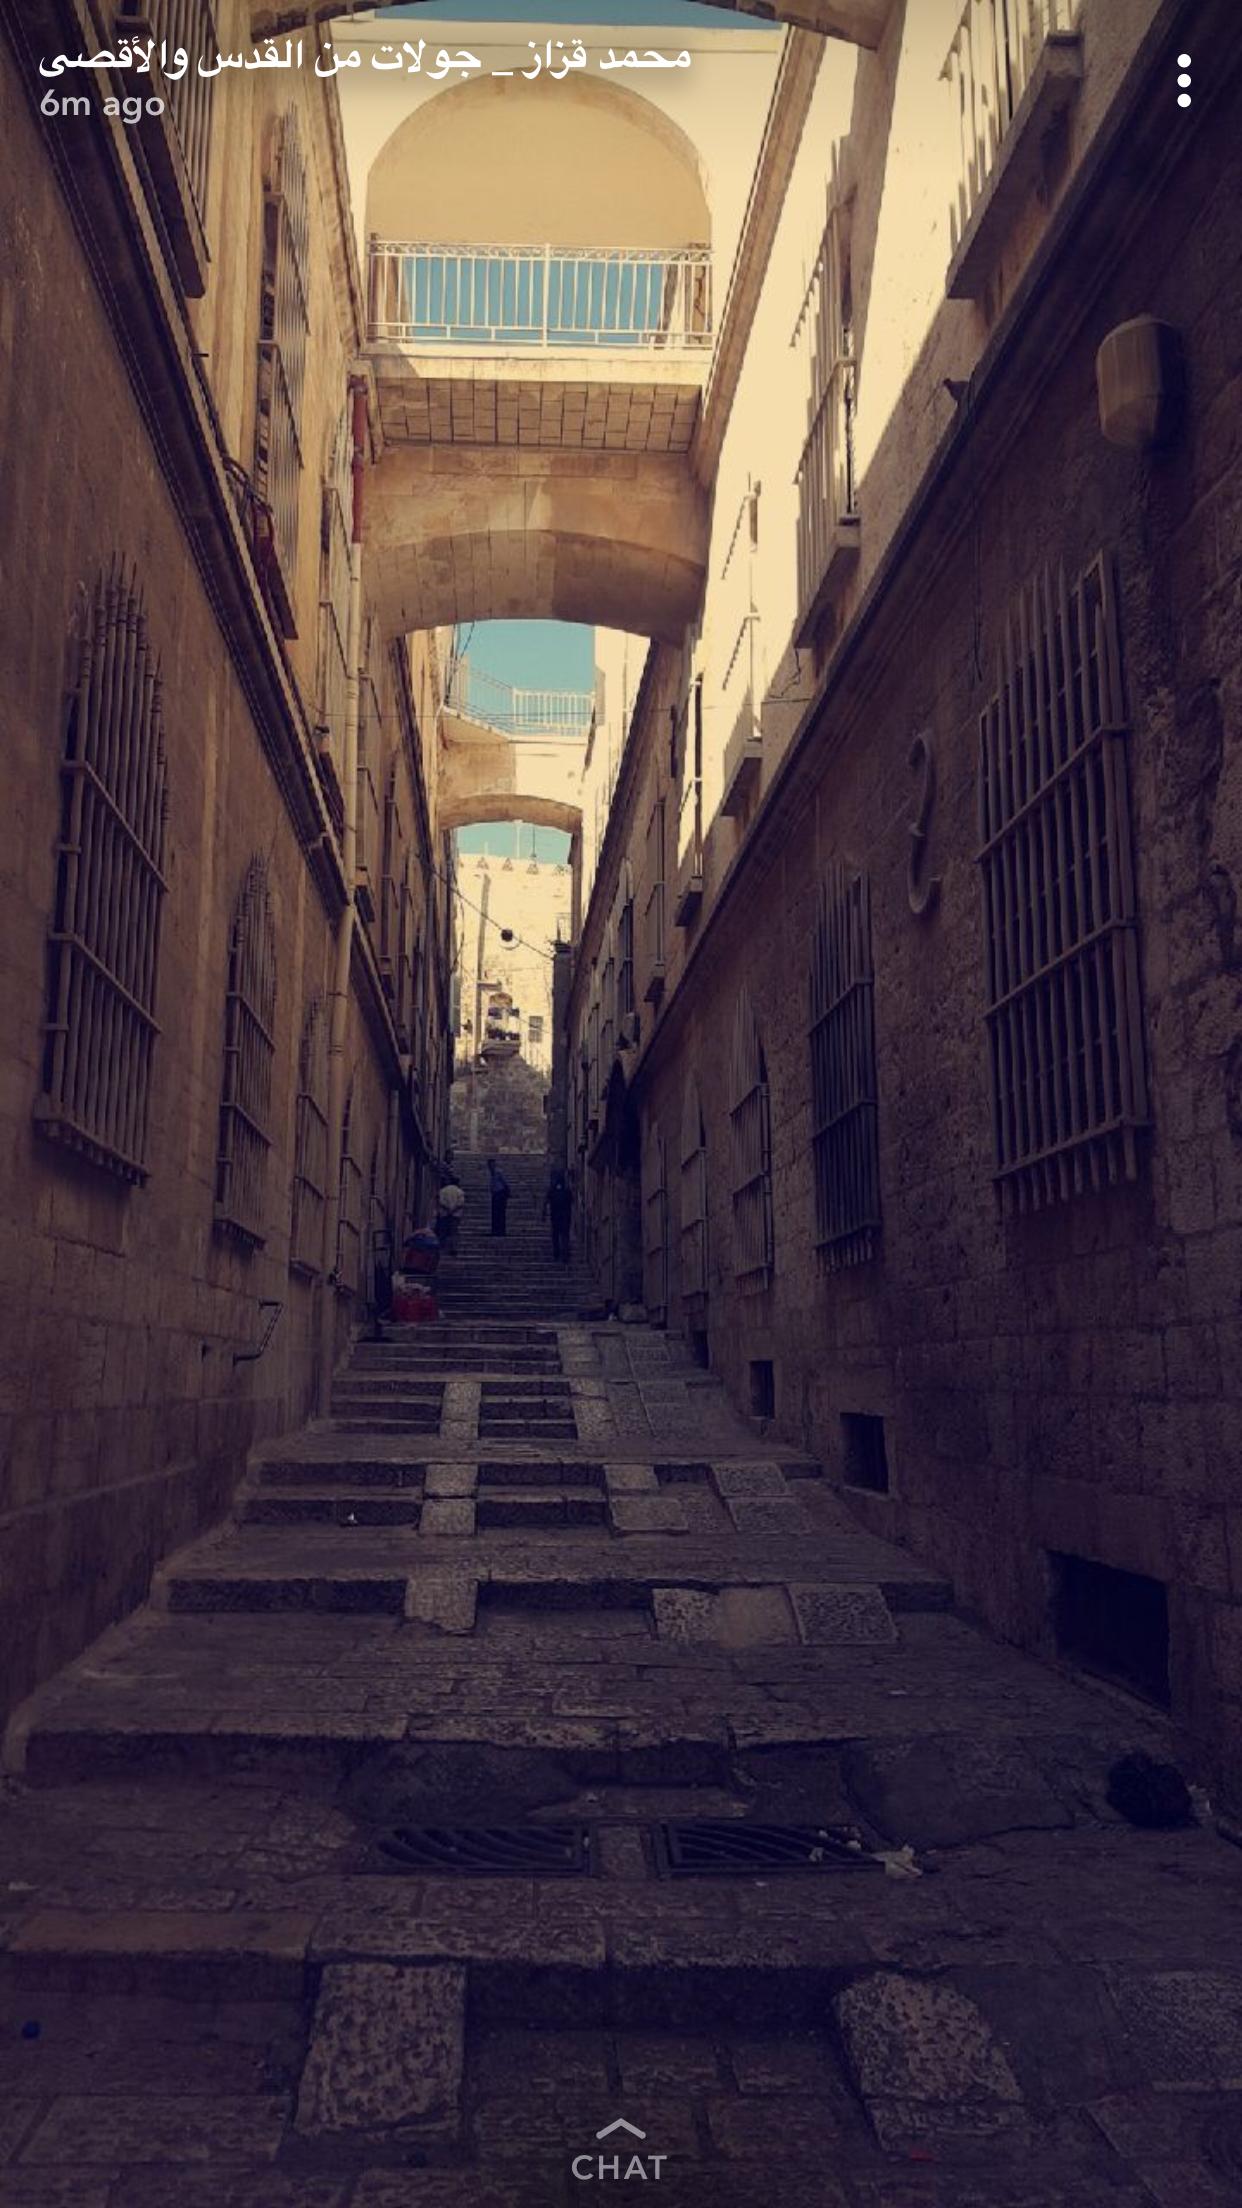 شوارع القدس قصة خرافية Suggested Snapchat To See Jerusalem More Closer محمد قزاز جولات من القدس و الأقصى Earth Capitals Road